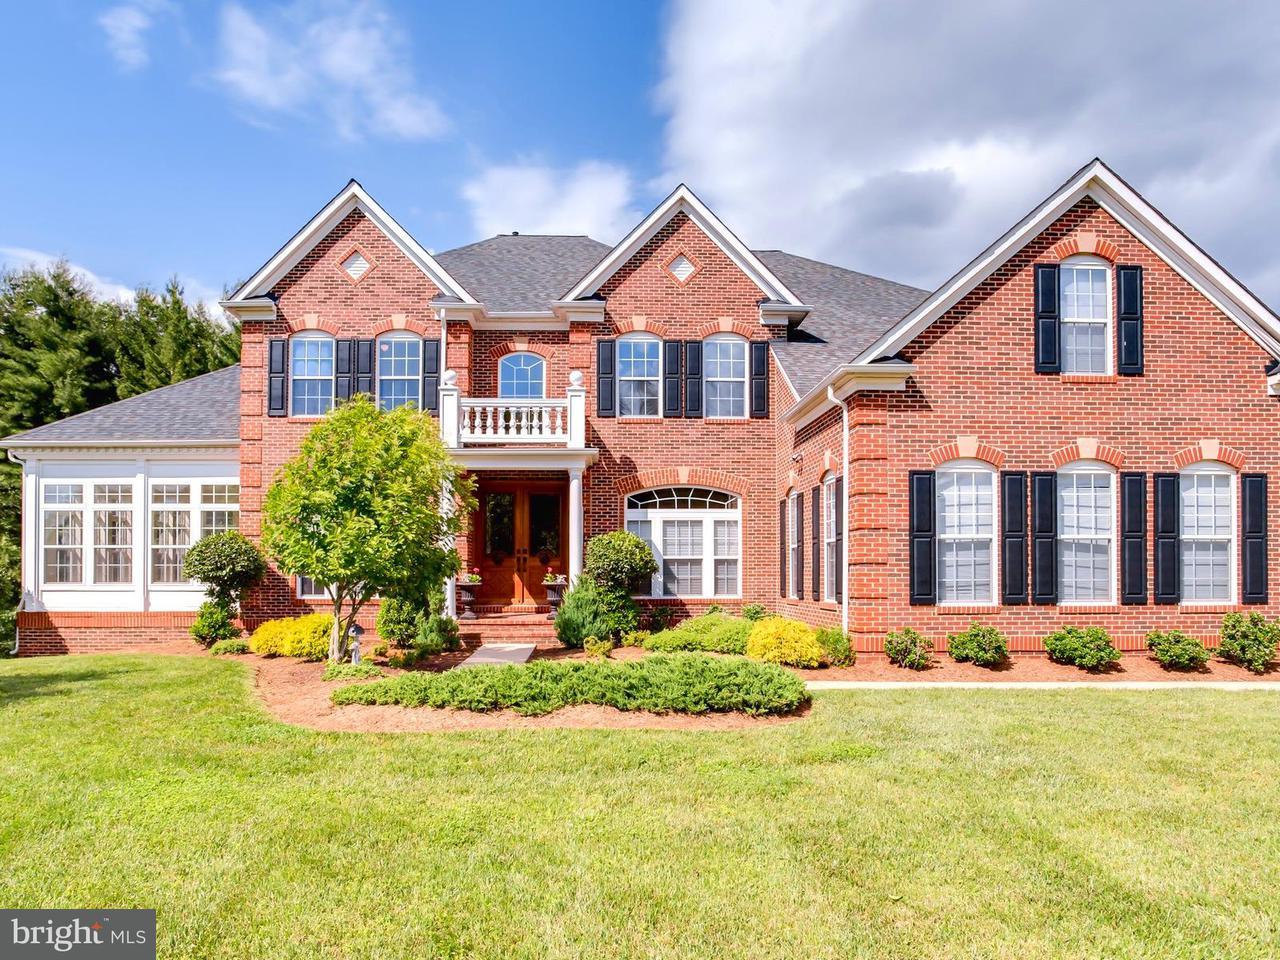 Частный односемейный дом для того Продажа на 12805 PILOTS LANDING WAY 12805 PILOTS LANDING WAY Darnestown, Мэриленд 20878 Соединенные Штаты